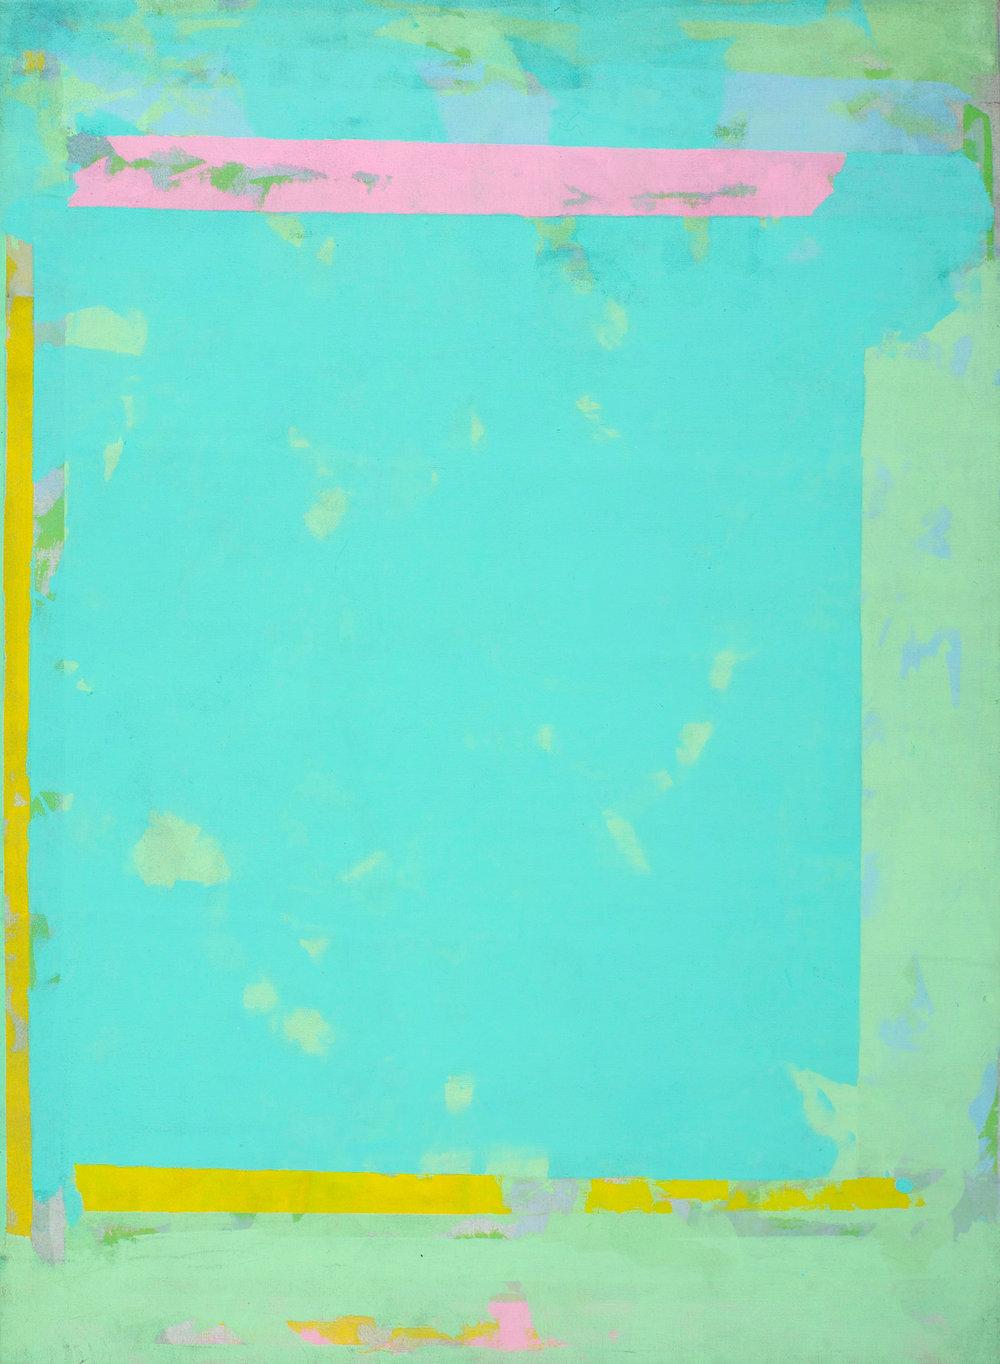 1974_FencingPiece_acryliconcanvas_43x32_PNF137.jpg